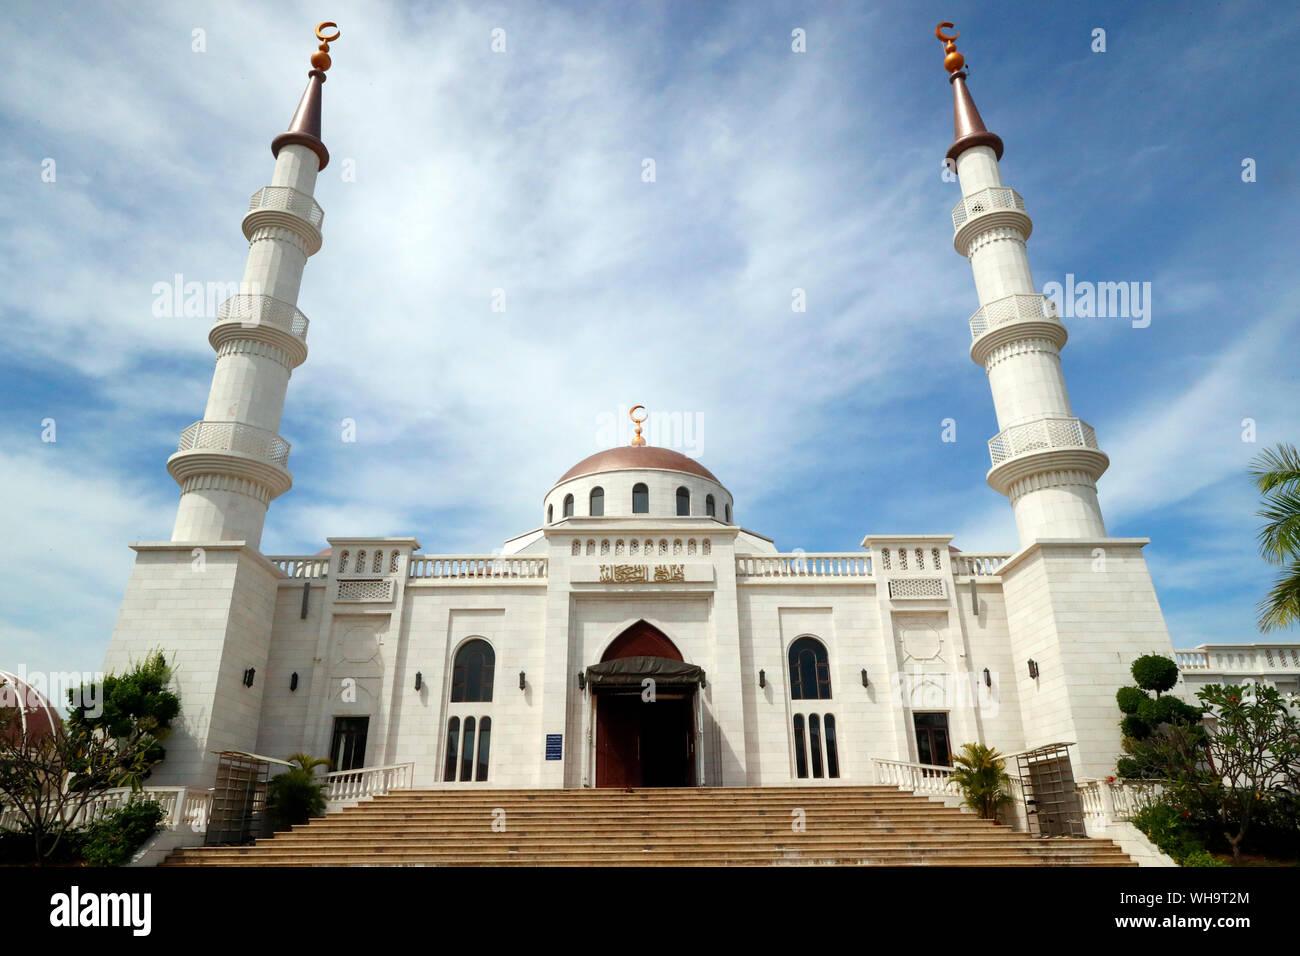 La Moschea Al-Serkal, entrata principale con due minareti, Phnom Penh, Cambogia, Indocina, Asia sud-orientale, Asia Foto Stock